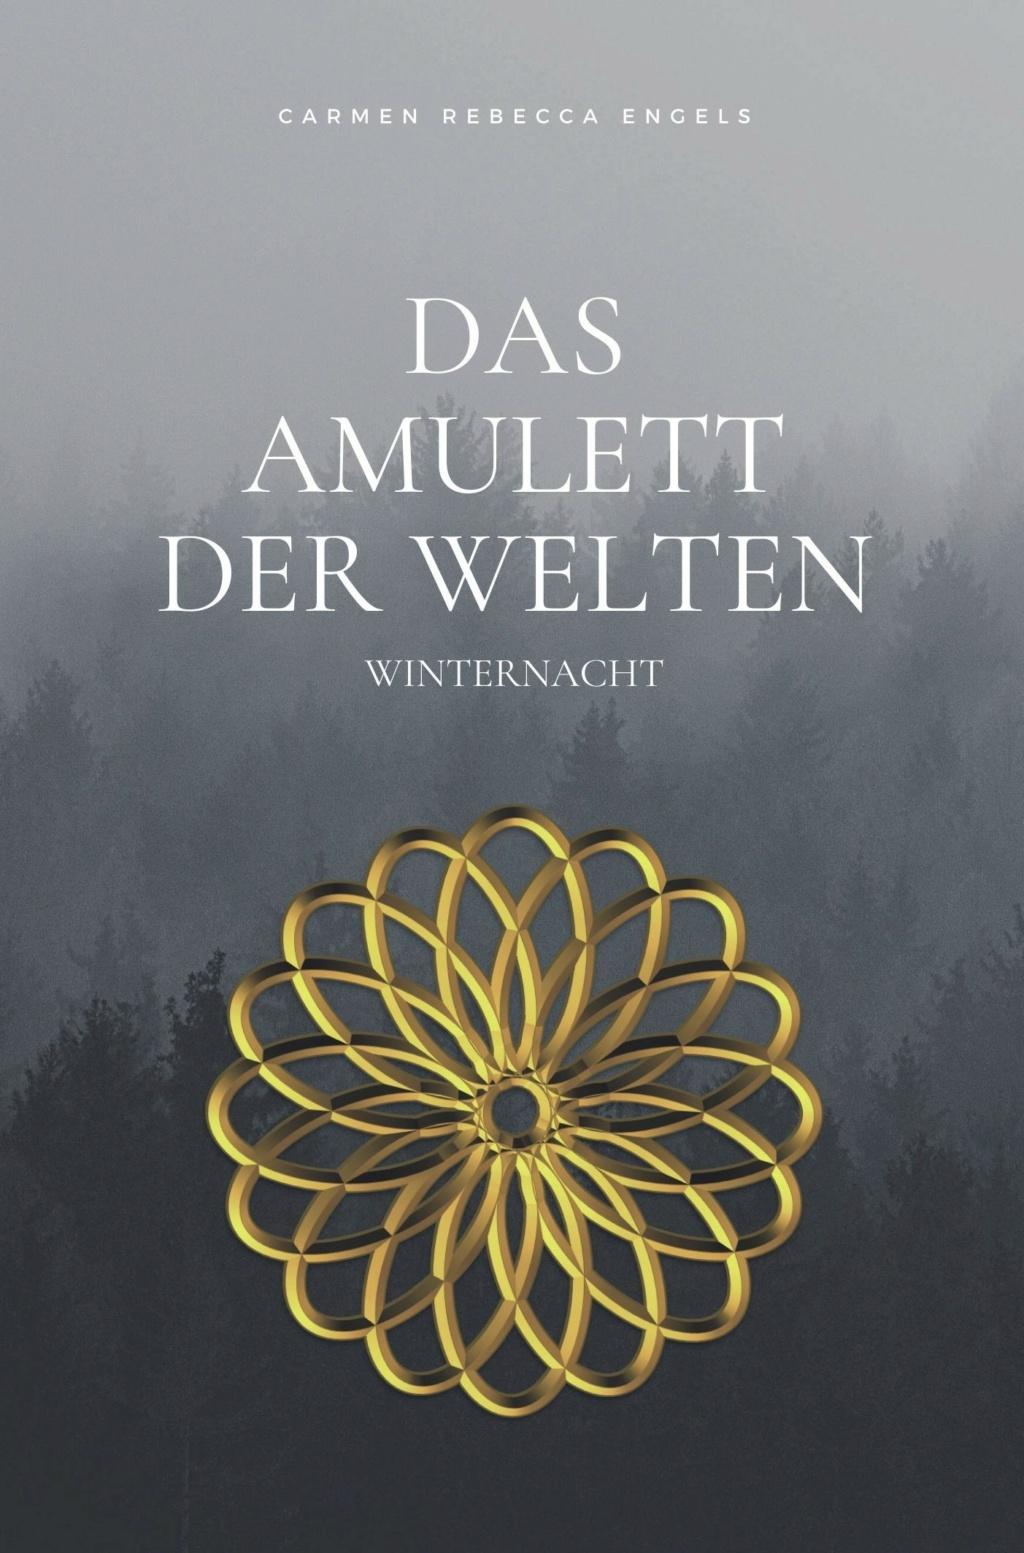 Das Amulett der Welten, Carmen Rebecca Engels Das_am10